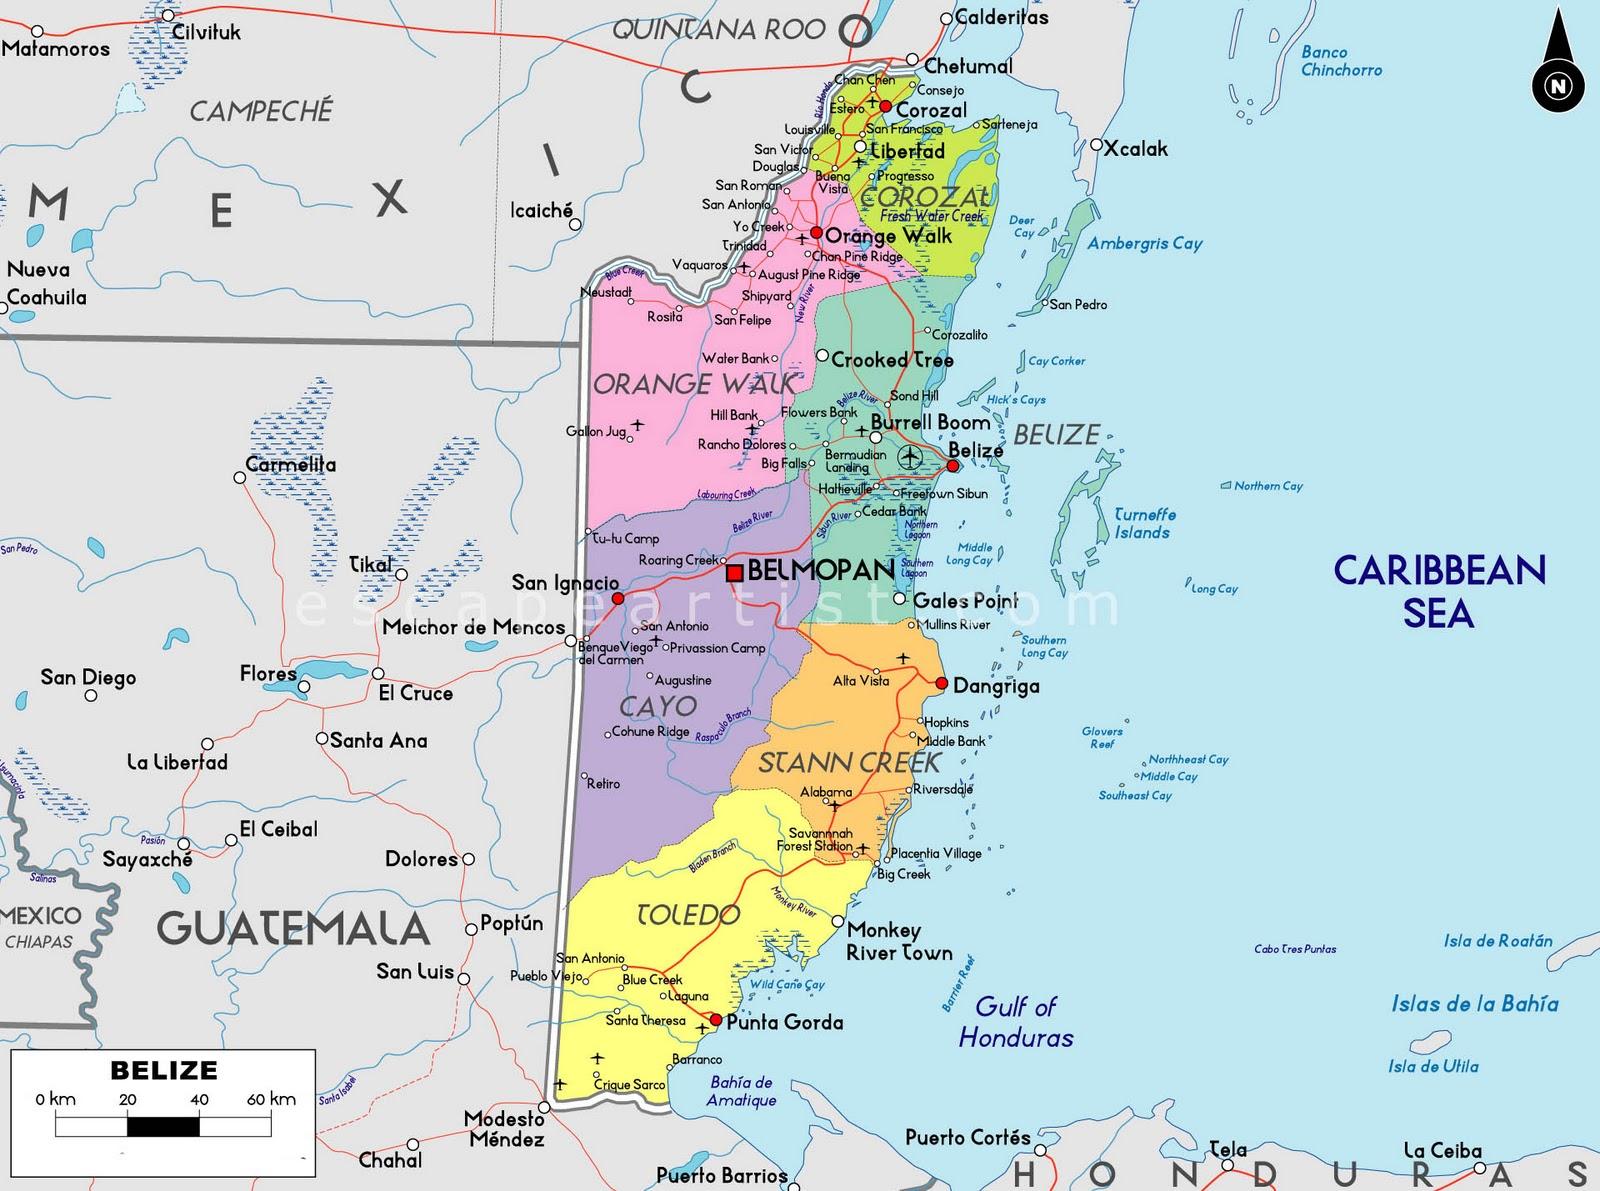 Belize Yucatan Map - Belize map belmopan